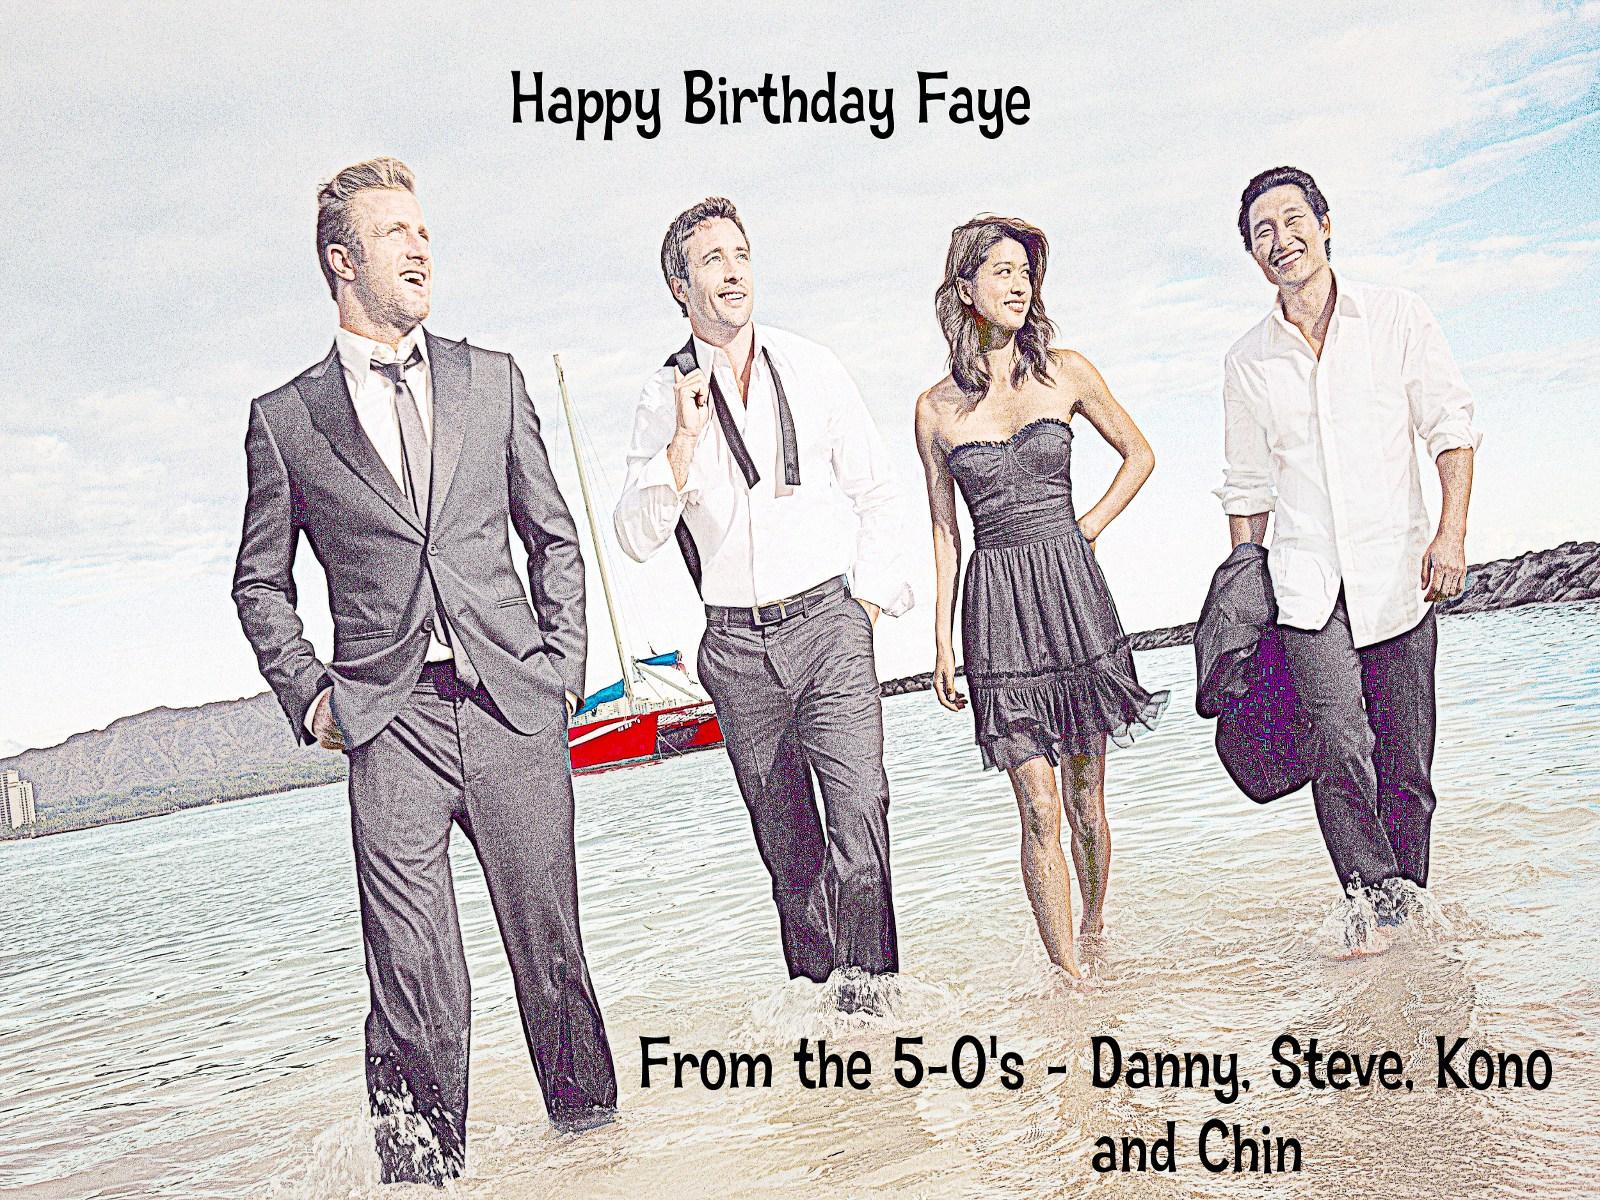 Happy Birthday Faye